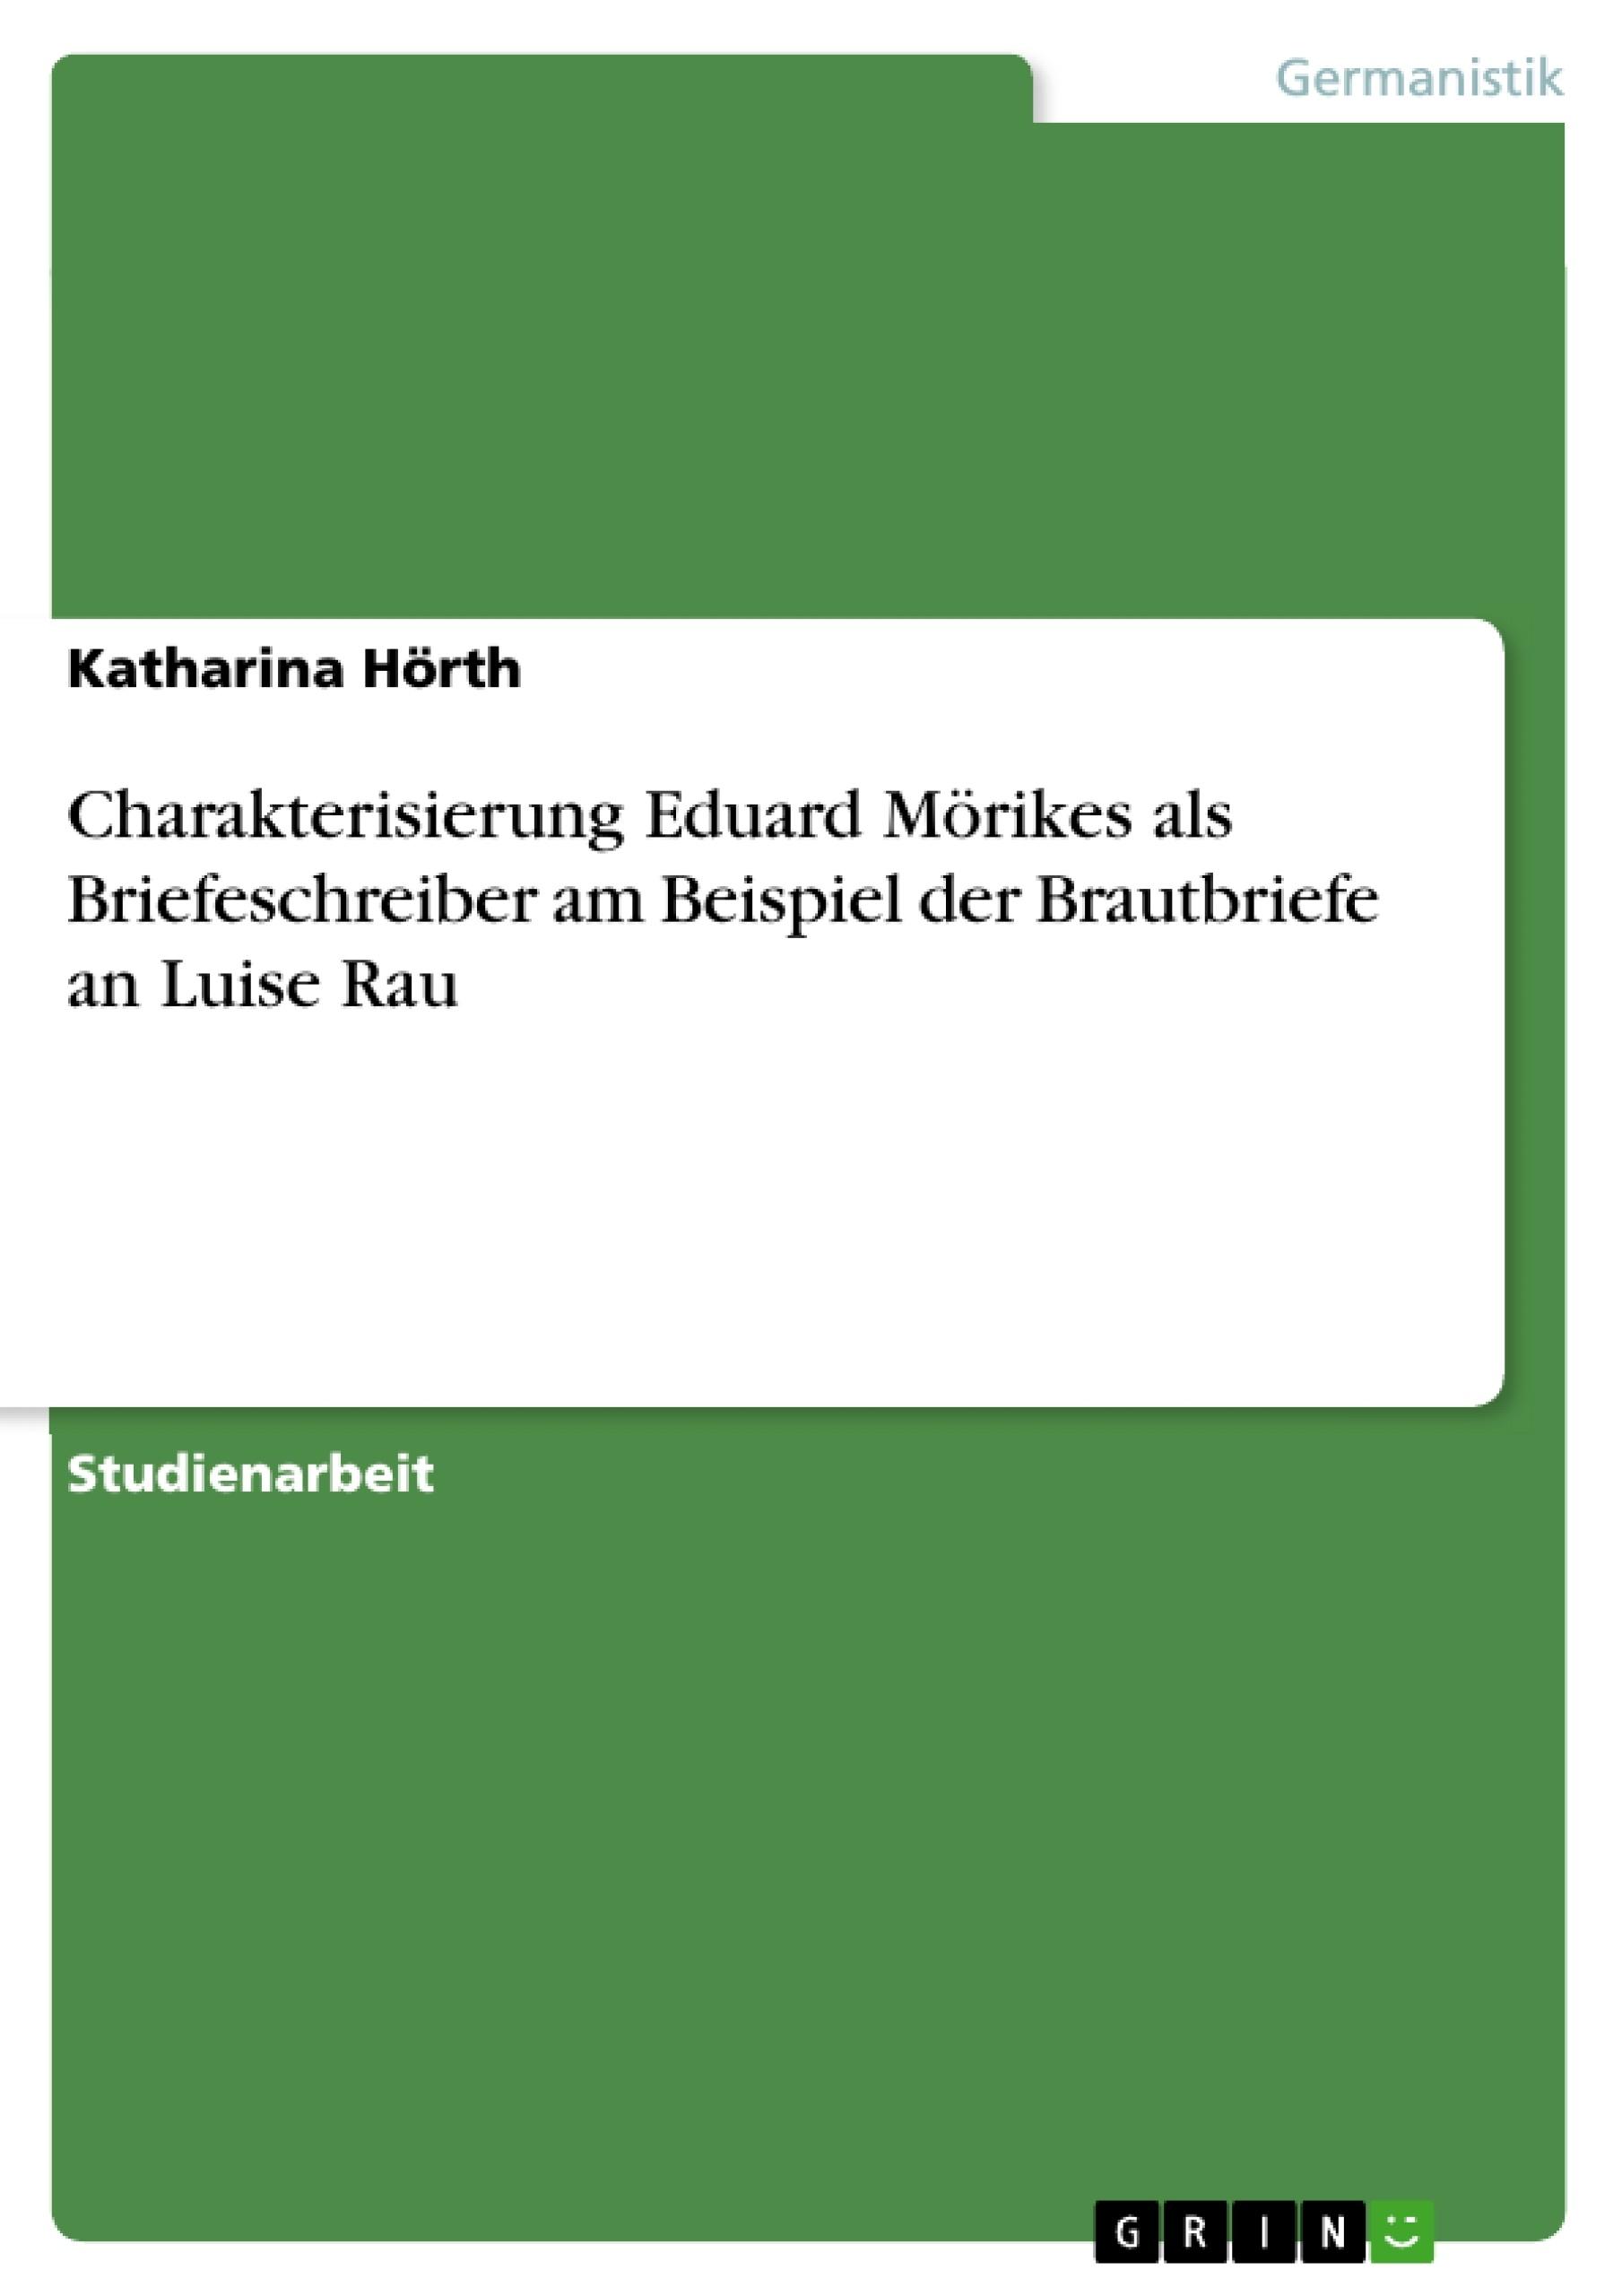 Titel: Charakterisierung Eduard Mörikes als Briefeschreiber am Beispiel der Brautbriefe an Luise Rau